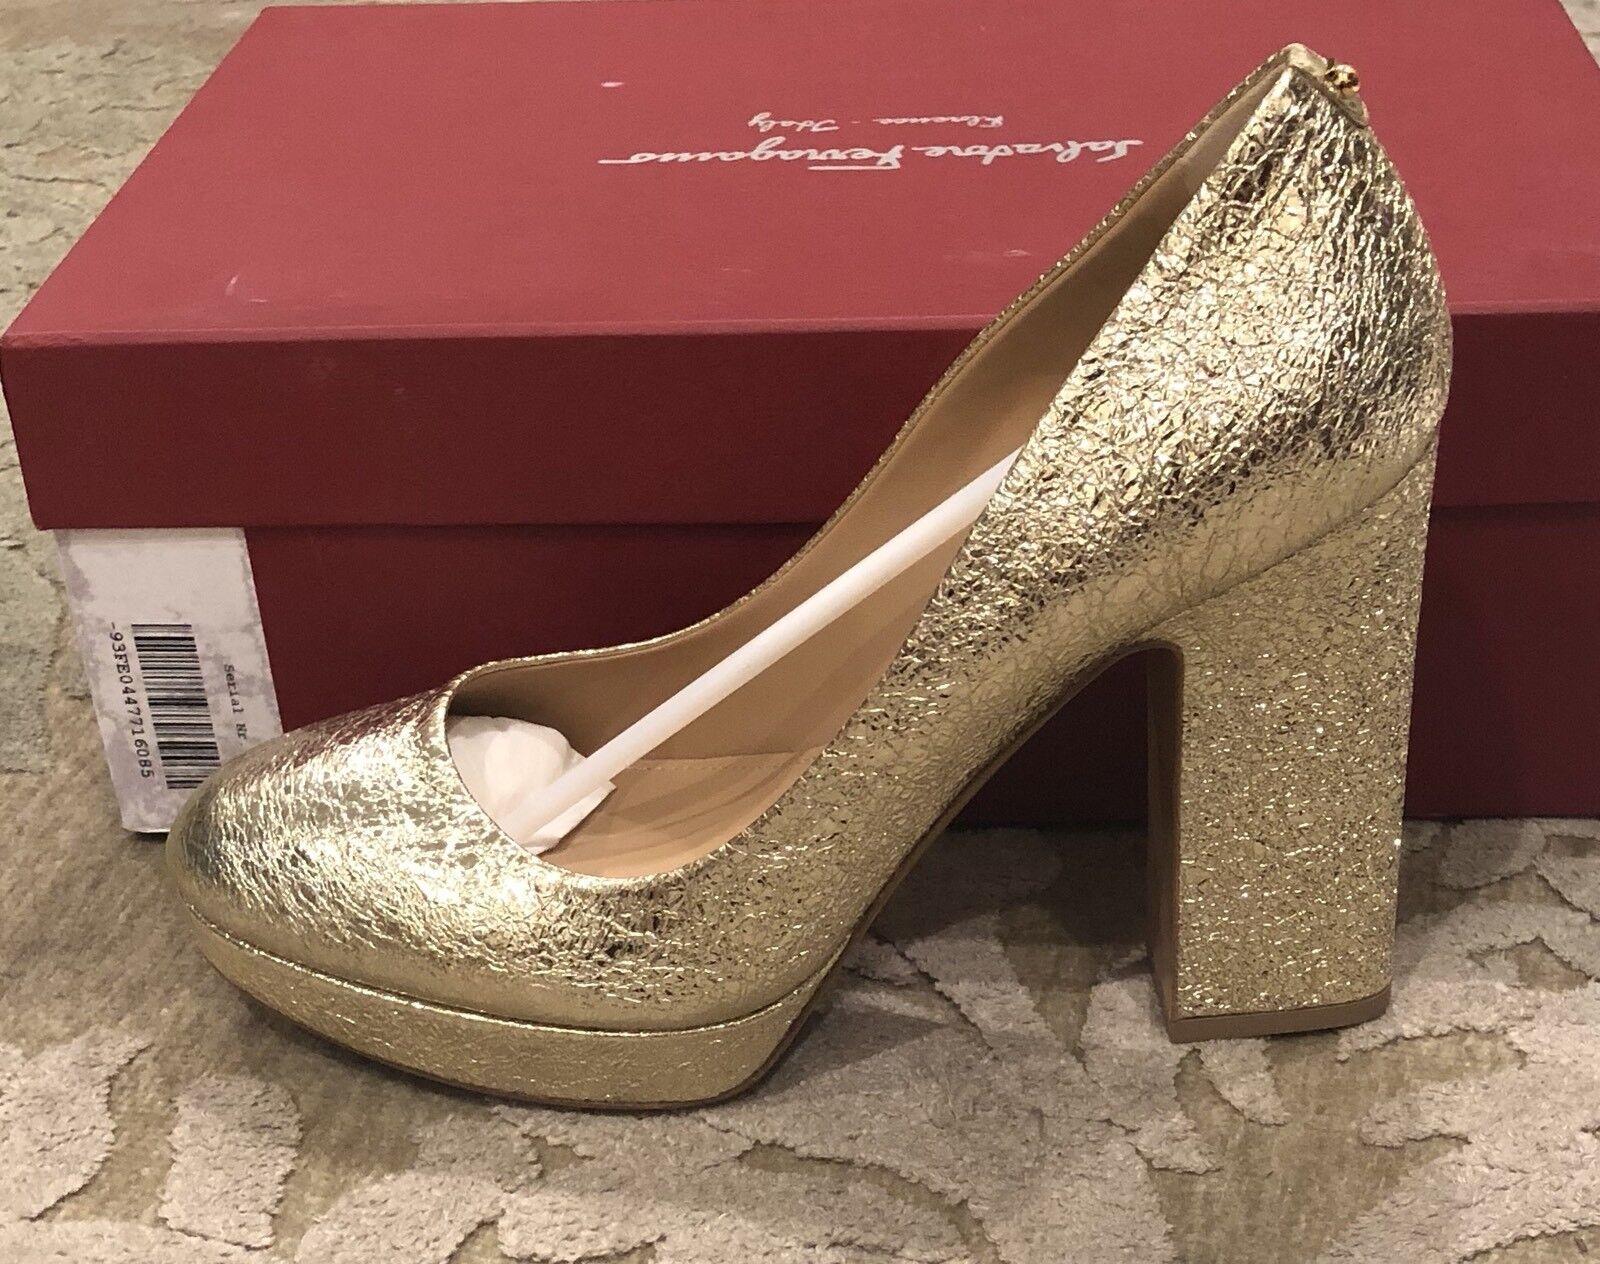 795 Nueva Salvatore Ferragamo Ferragamo Ferragamo oro señoras para mujer Tacones Zapatos Talla 8.5 C 38.5 de EE. UU.  sorteos de estadio